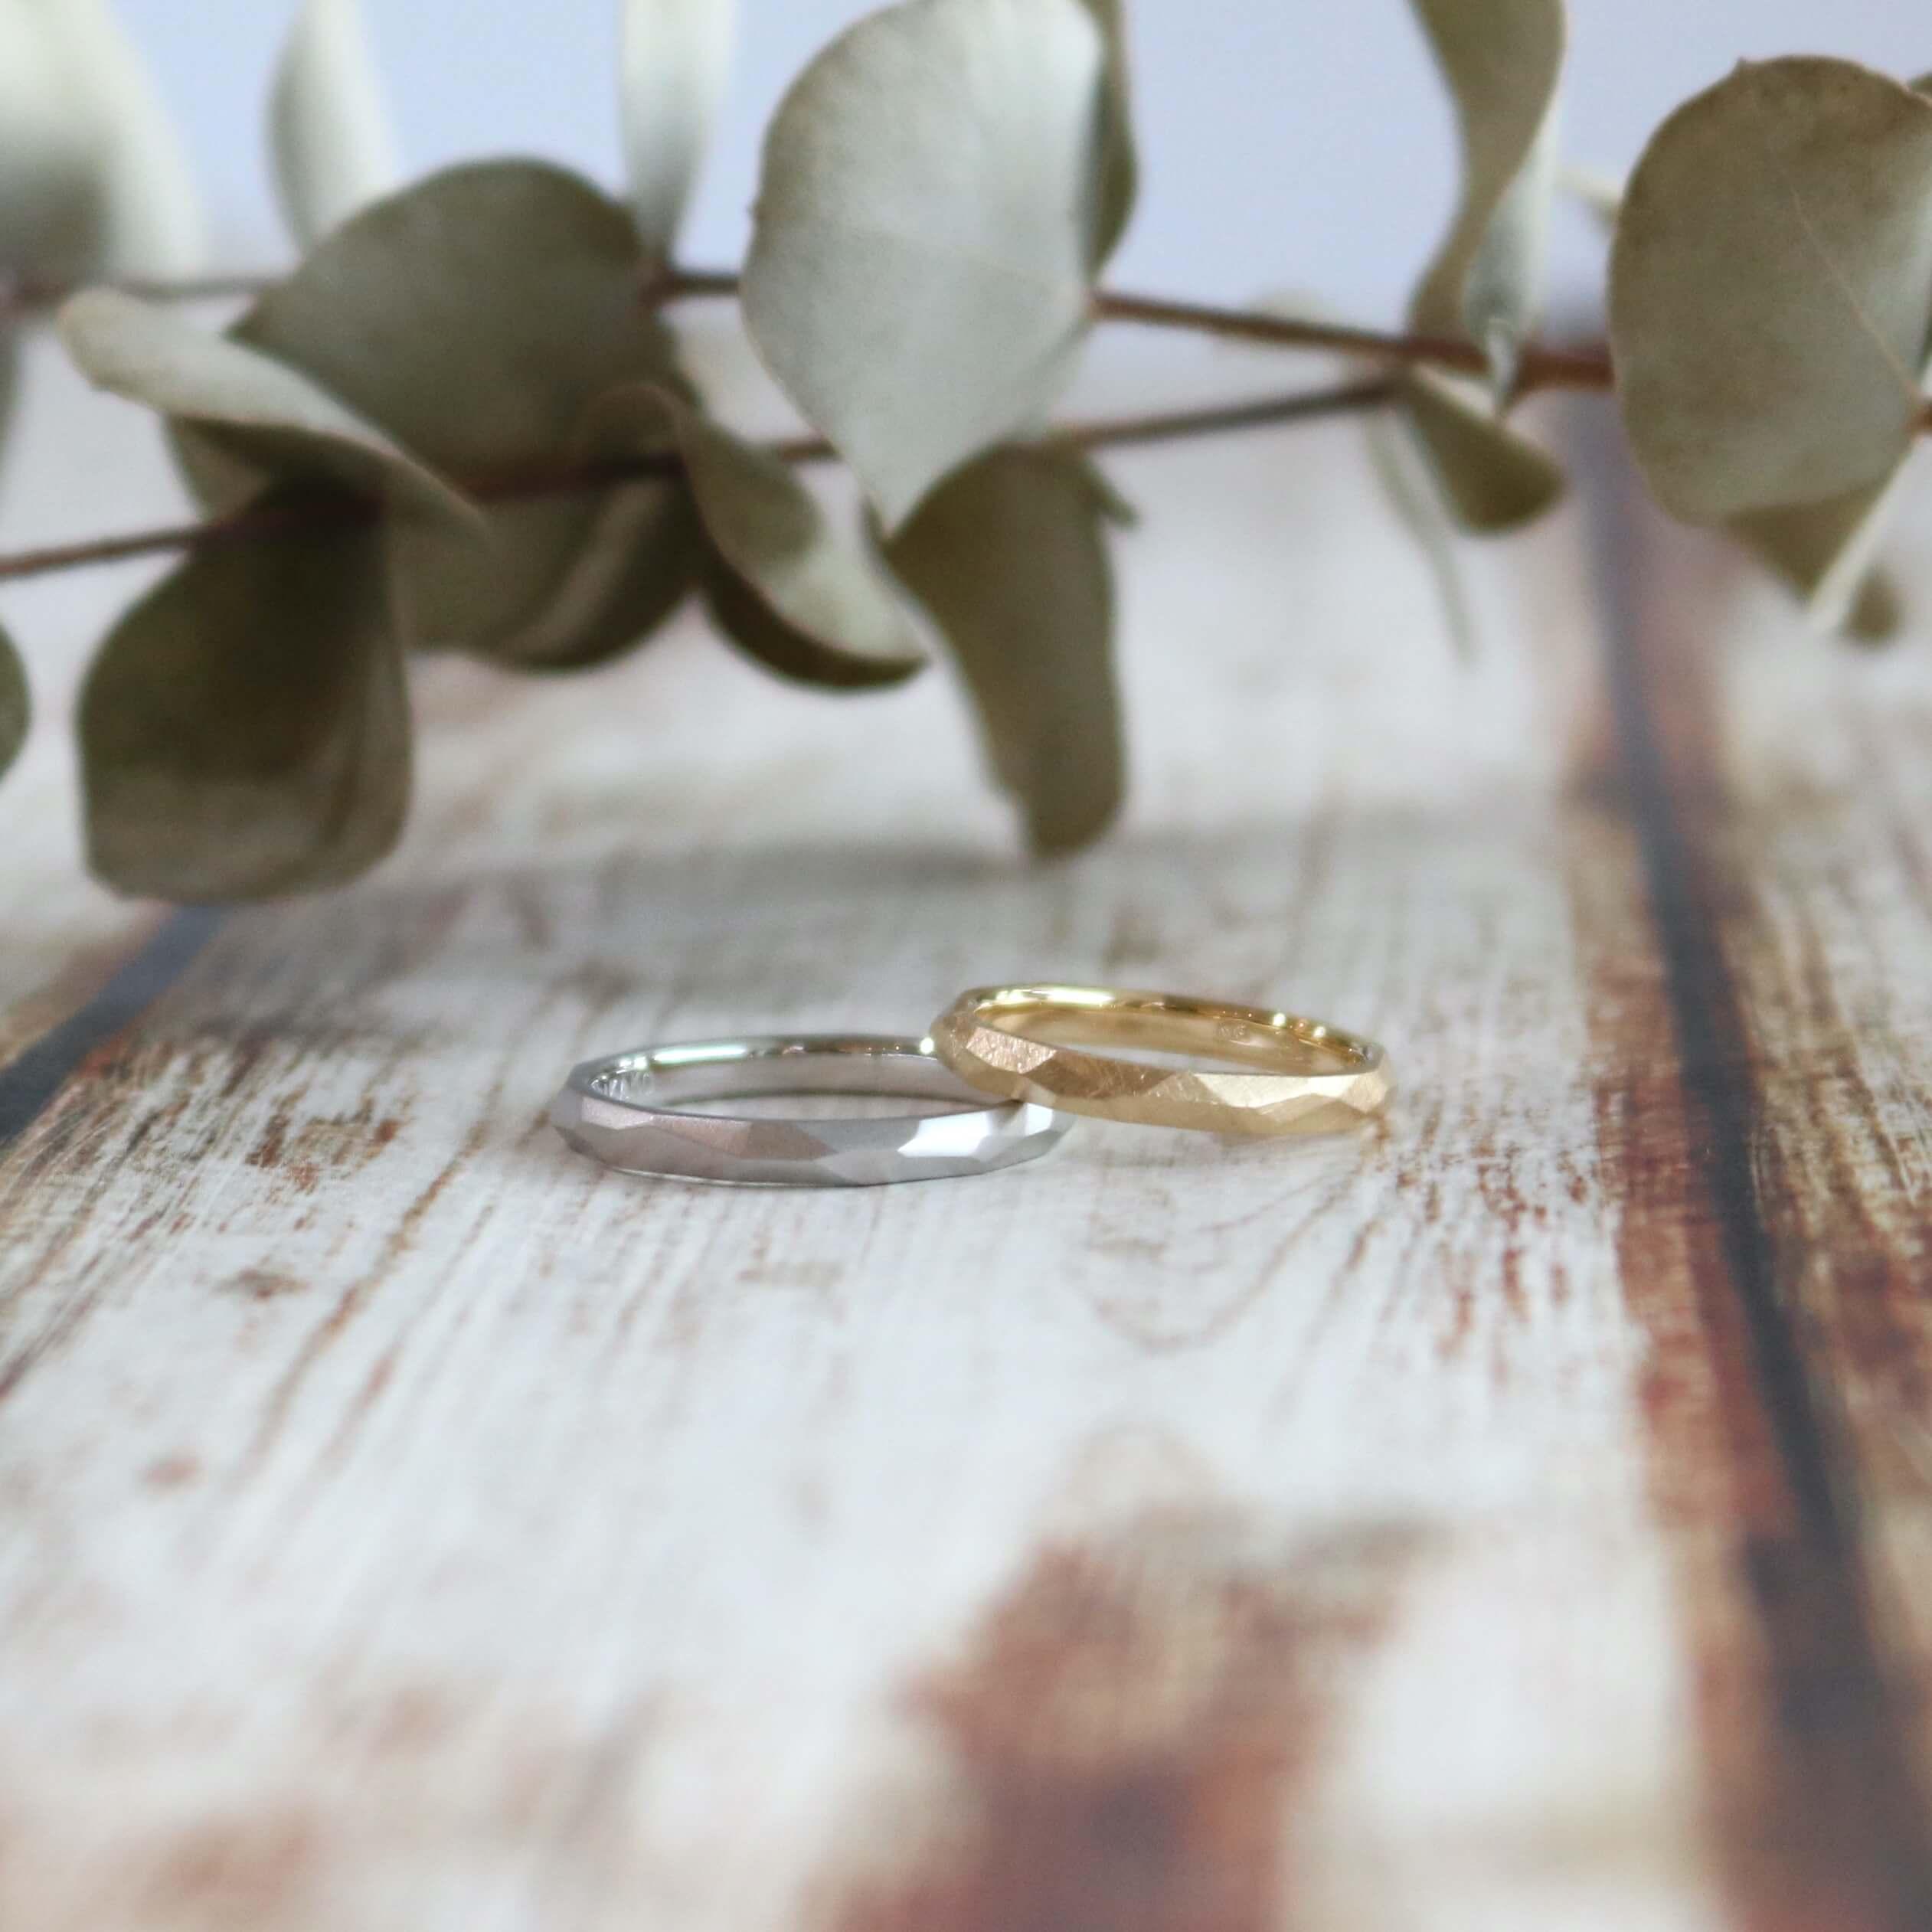 マットな多面体の結婚指輪